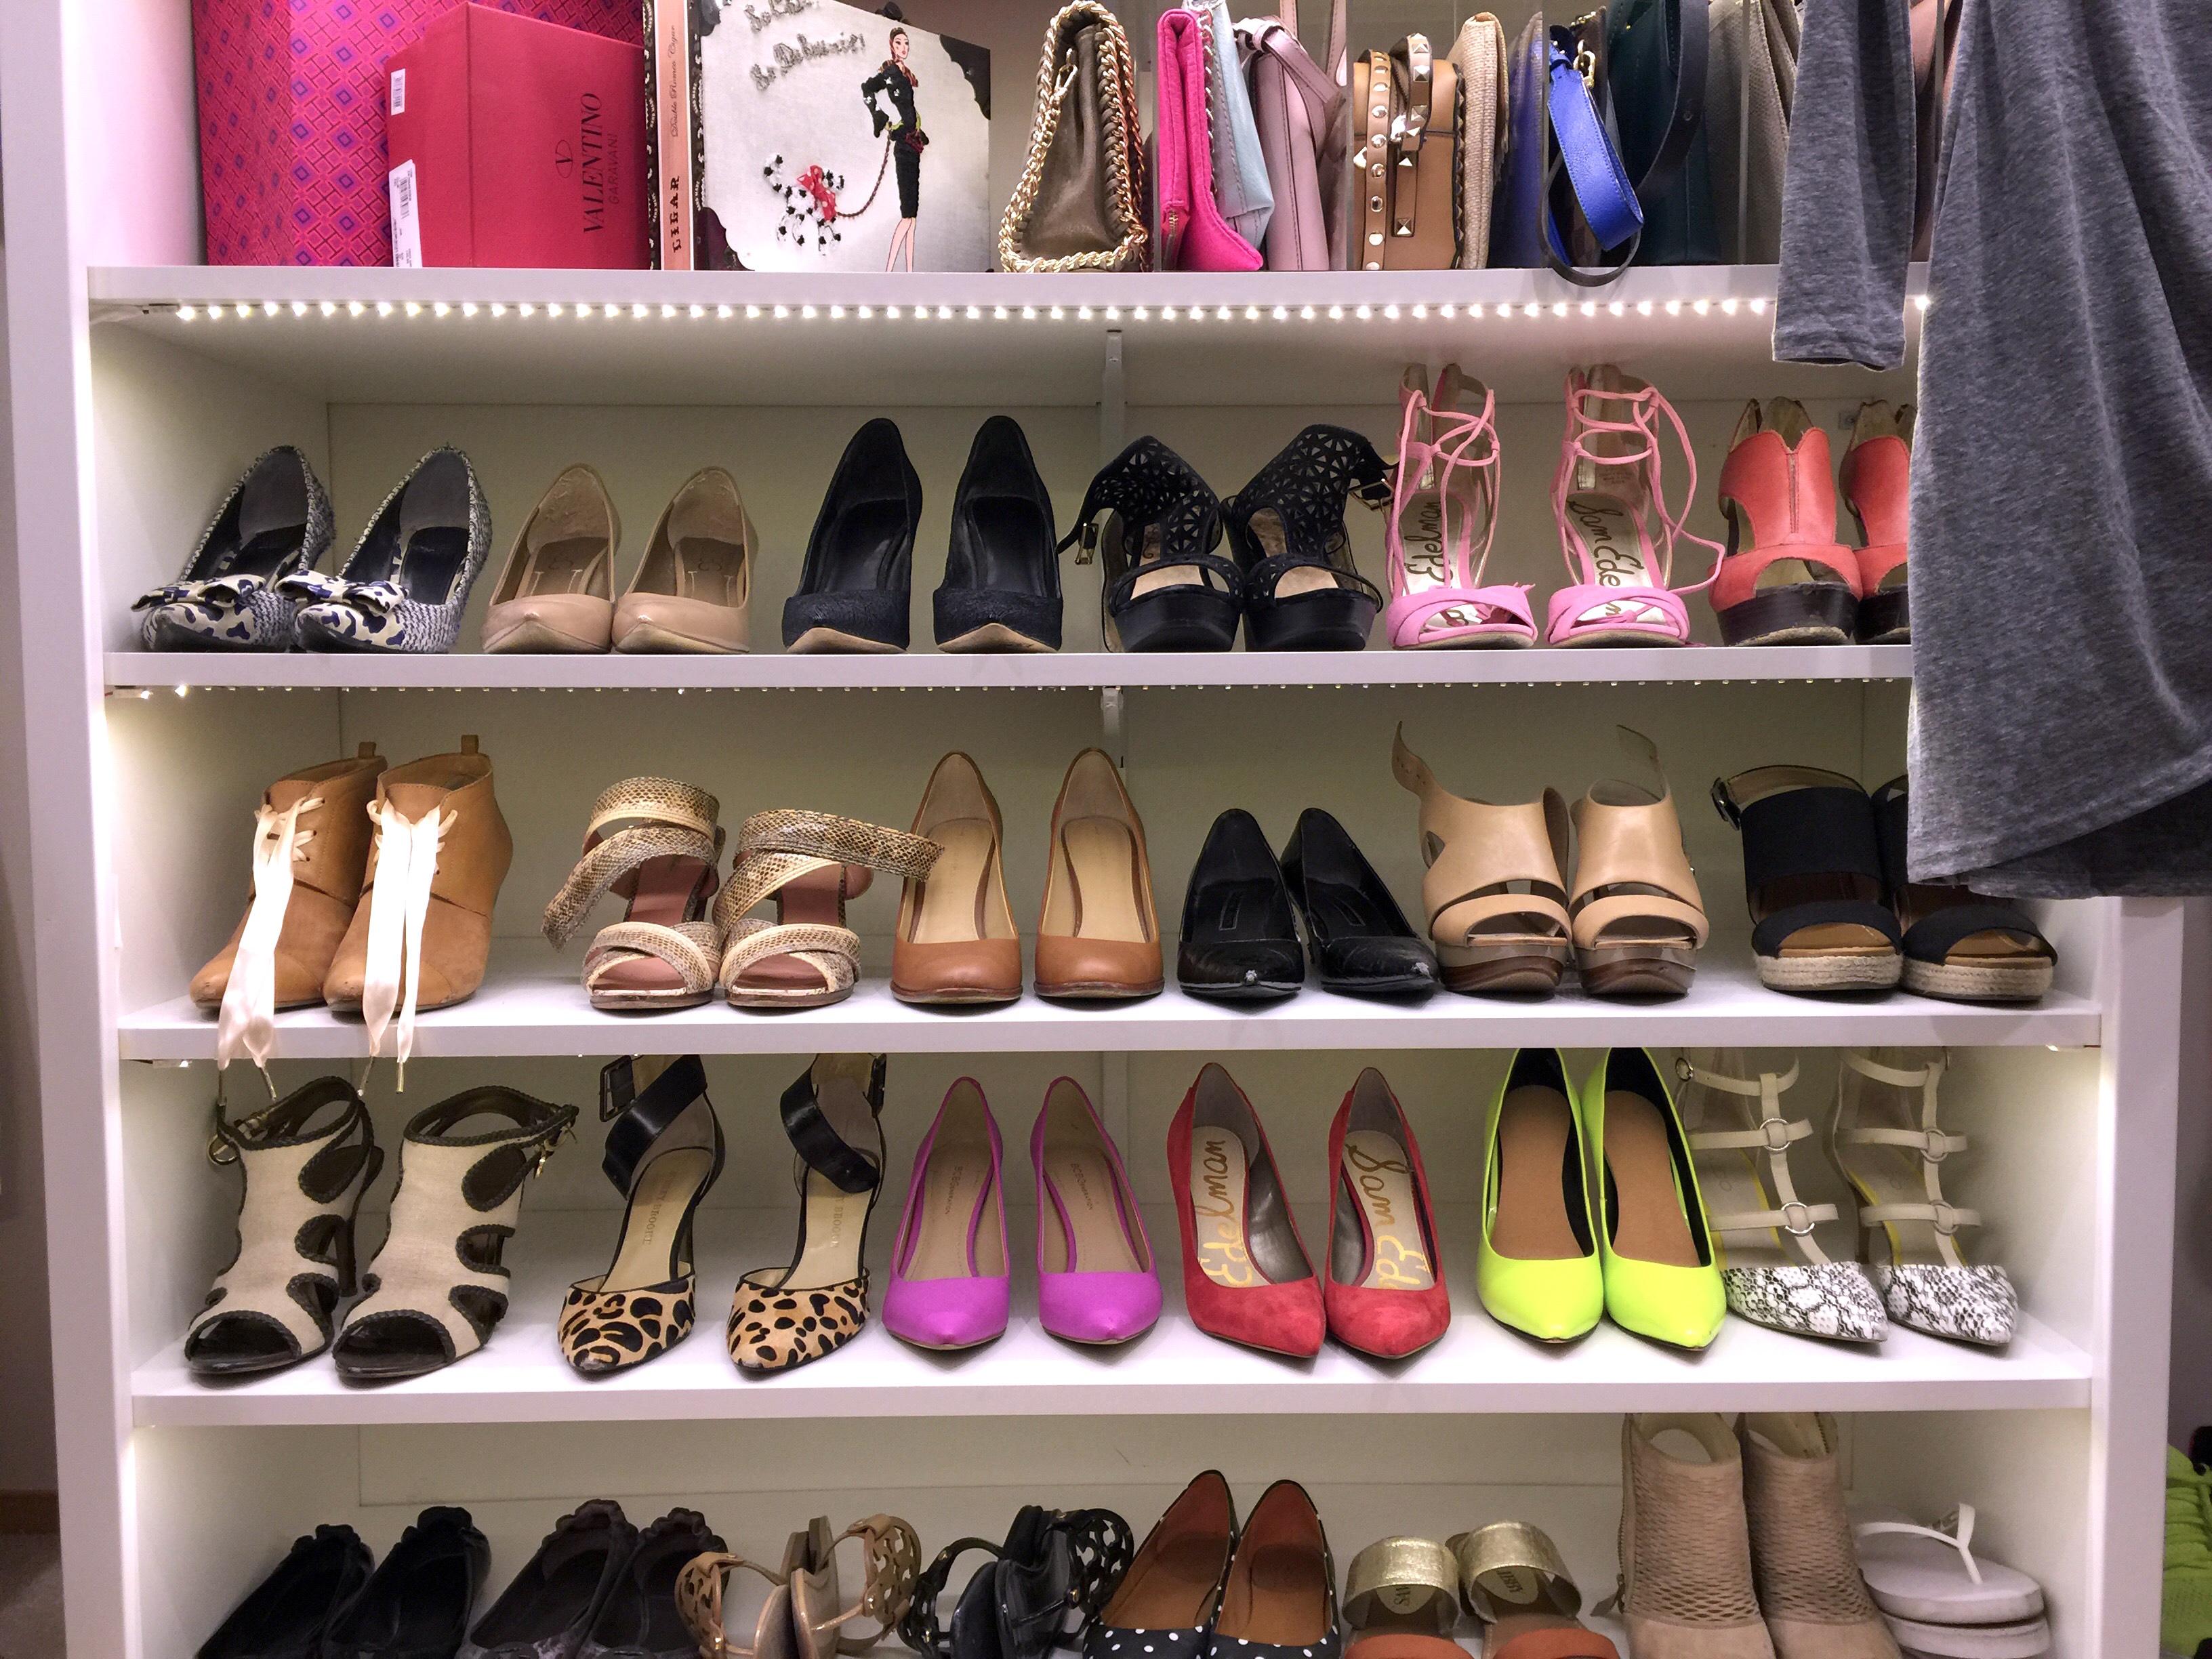 closet-reveal-6